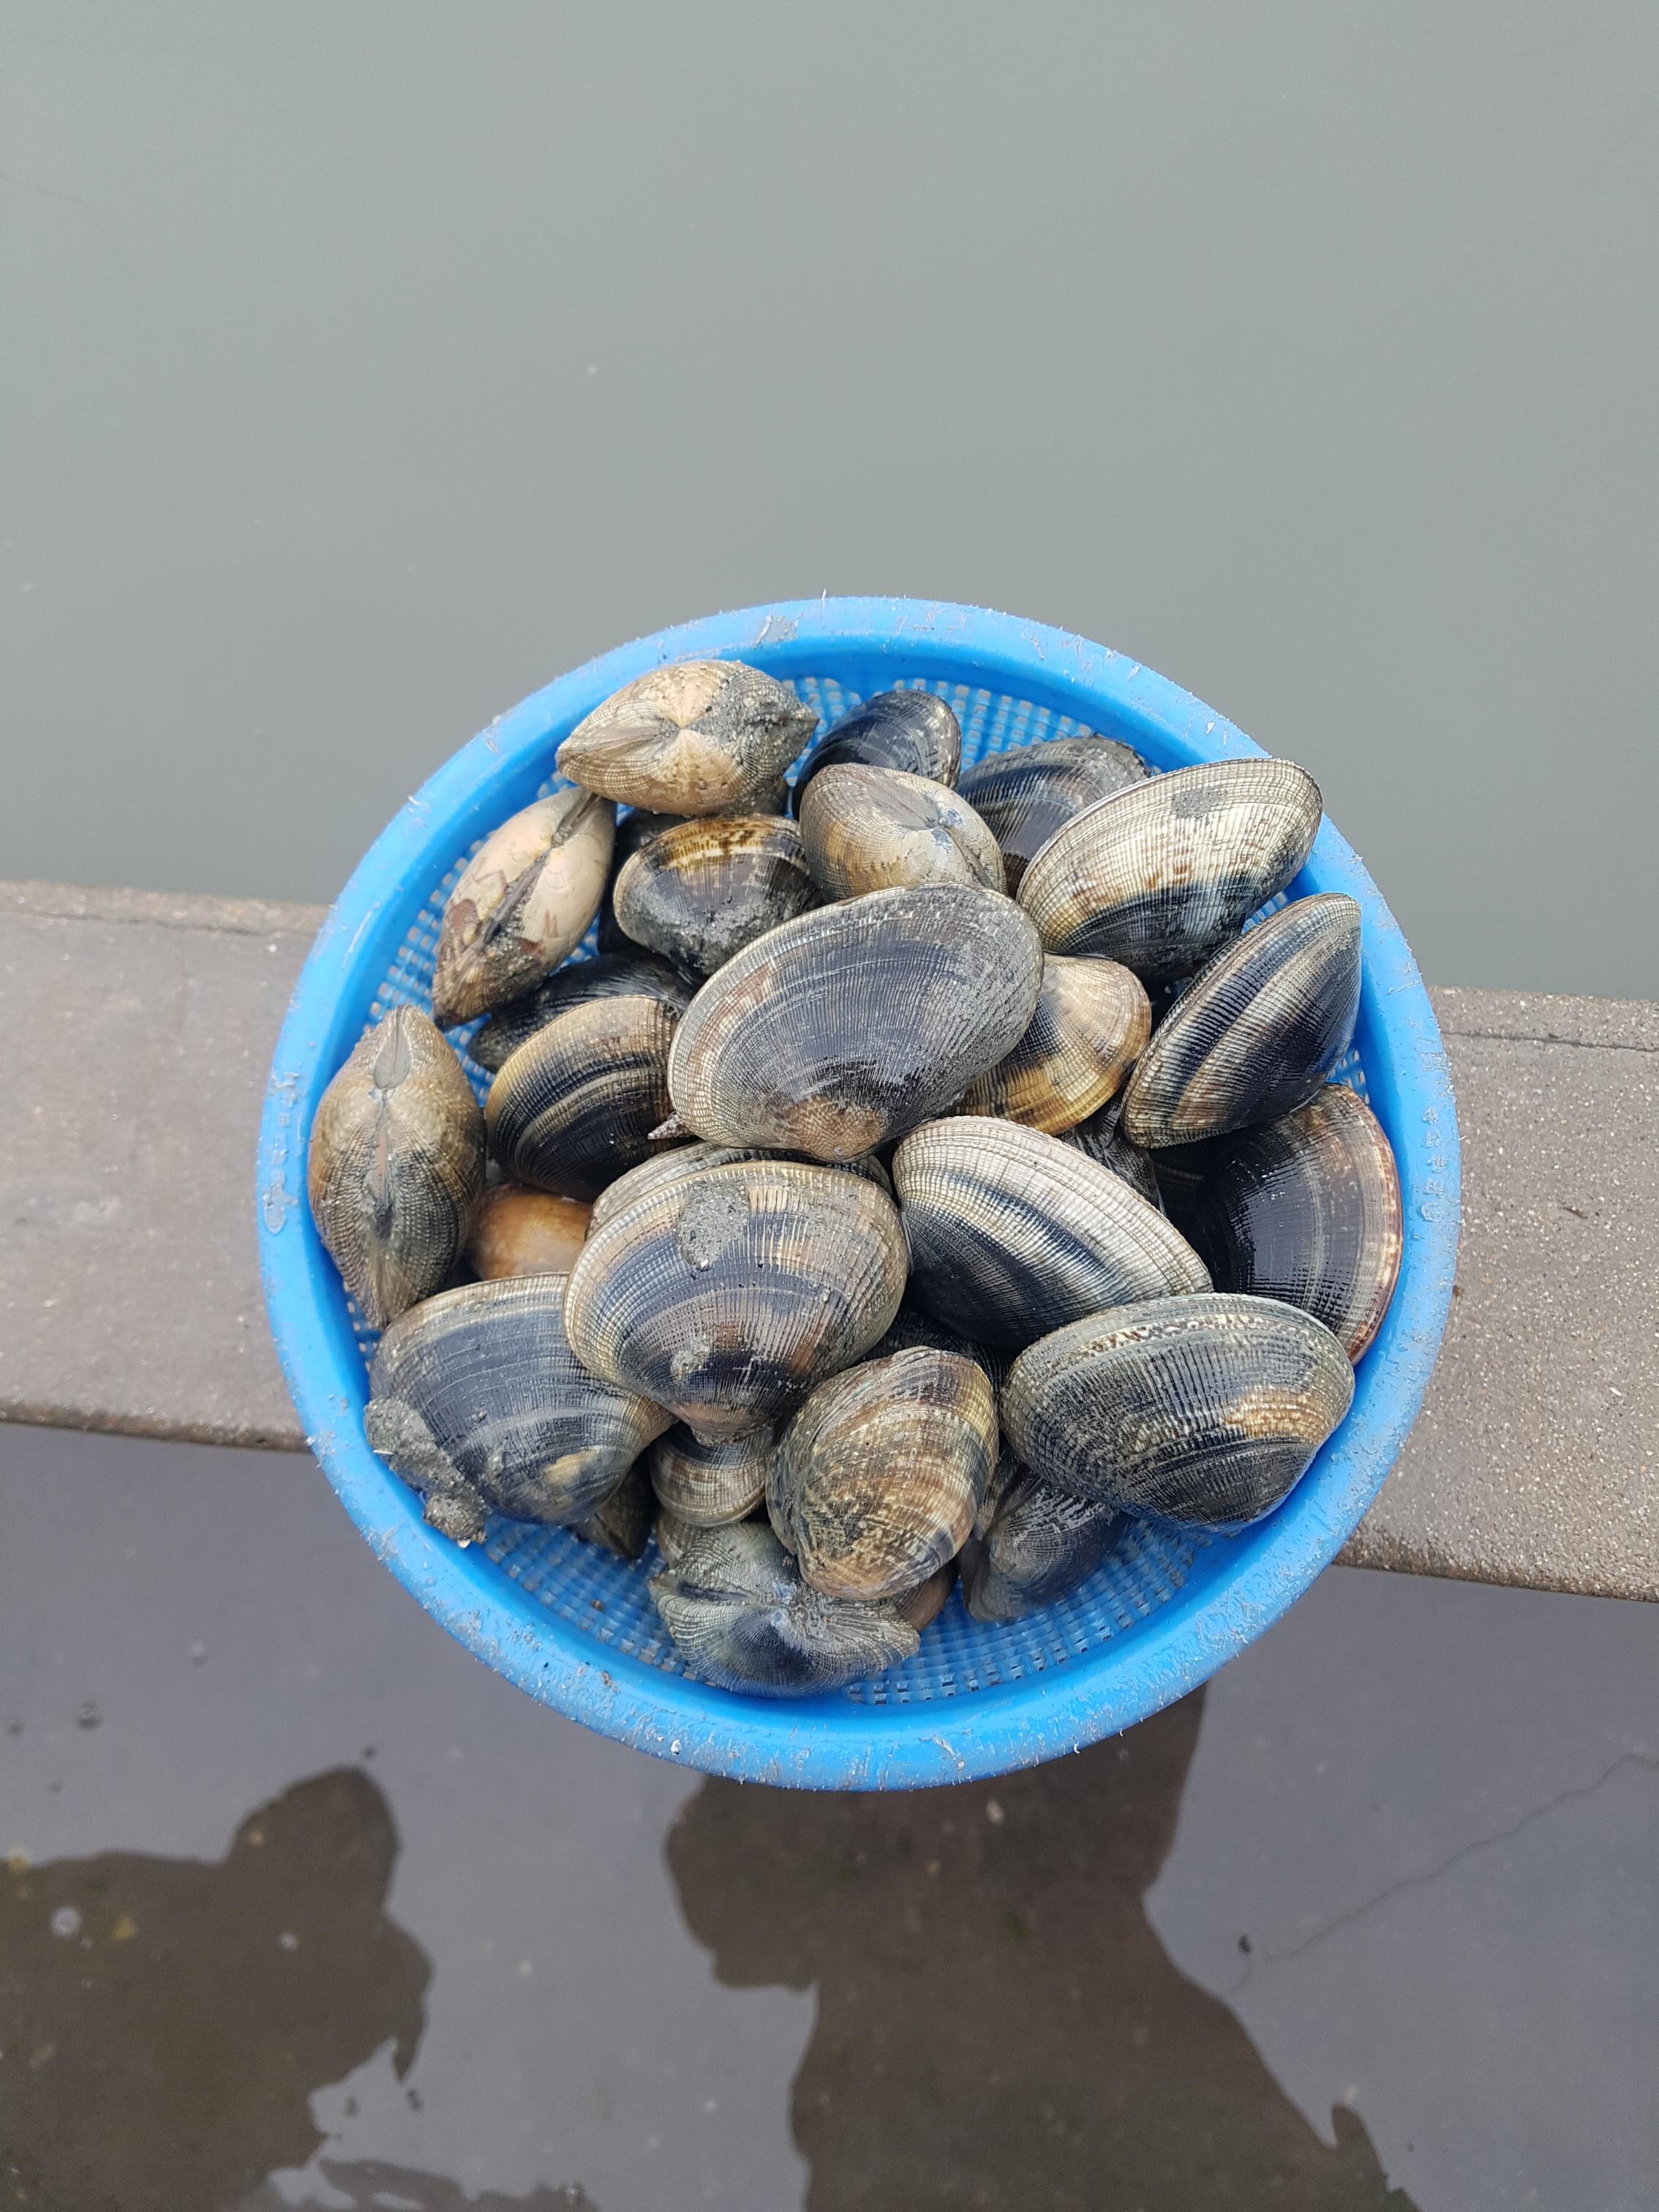 갯벌체험(쏙잡이, 바지락, 우럭조개) 2번째 이미지